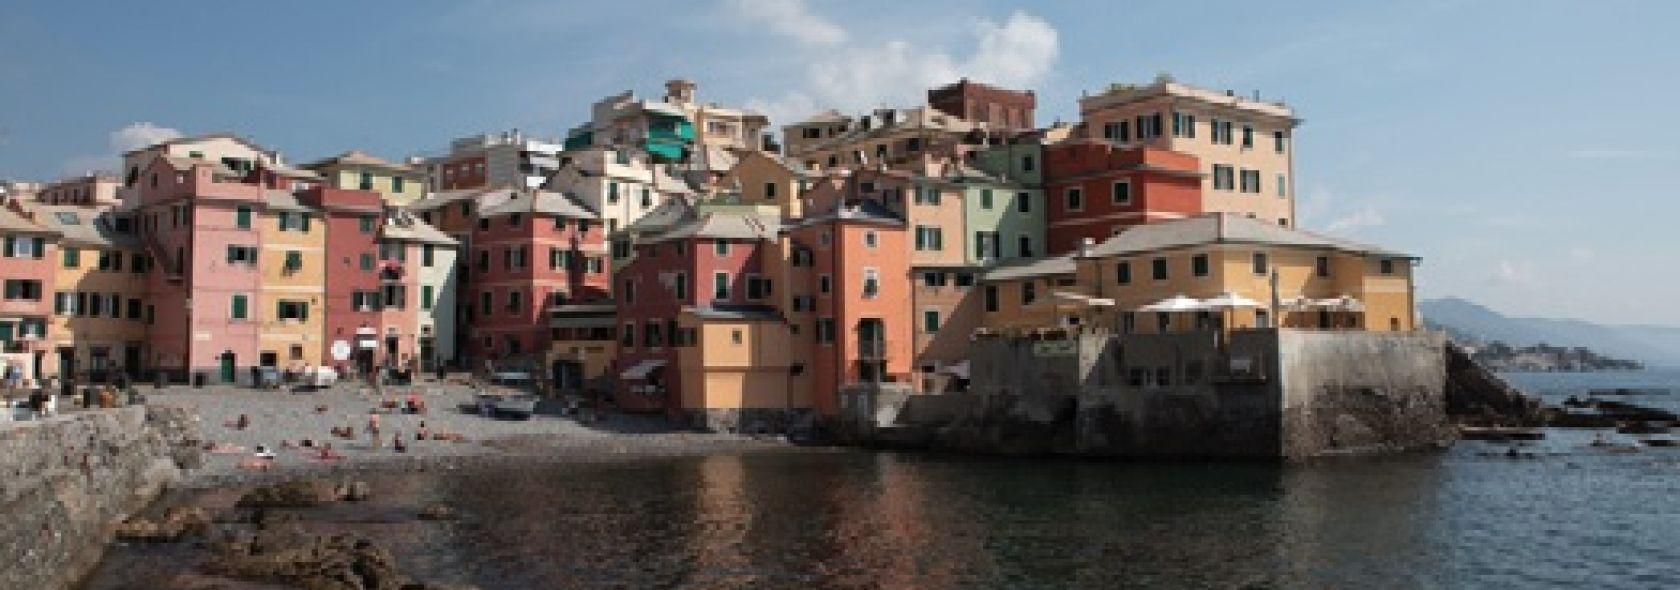 Boccadasse dal mare - Foto Ufficio Comunicazione Città Metropolitana di Genova